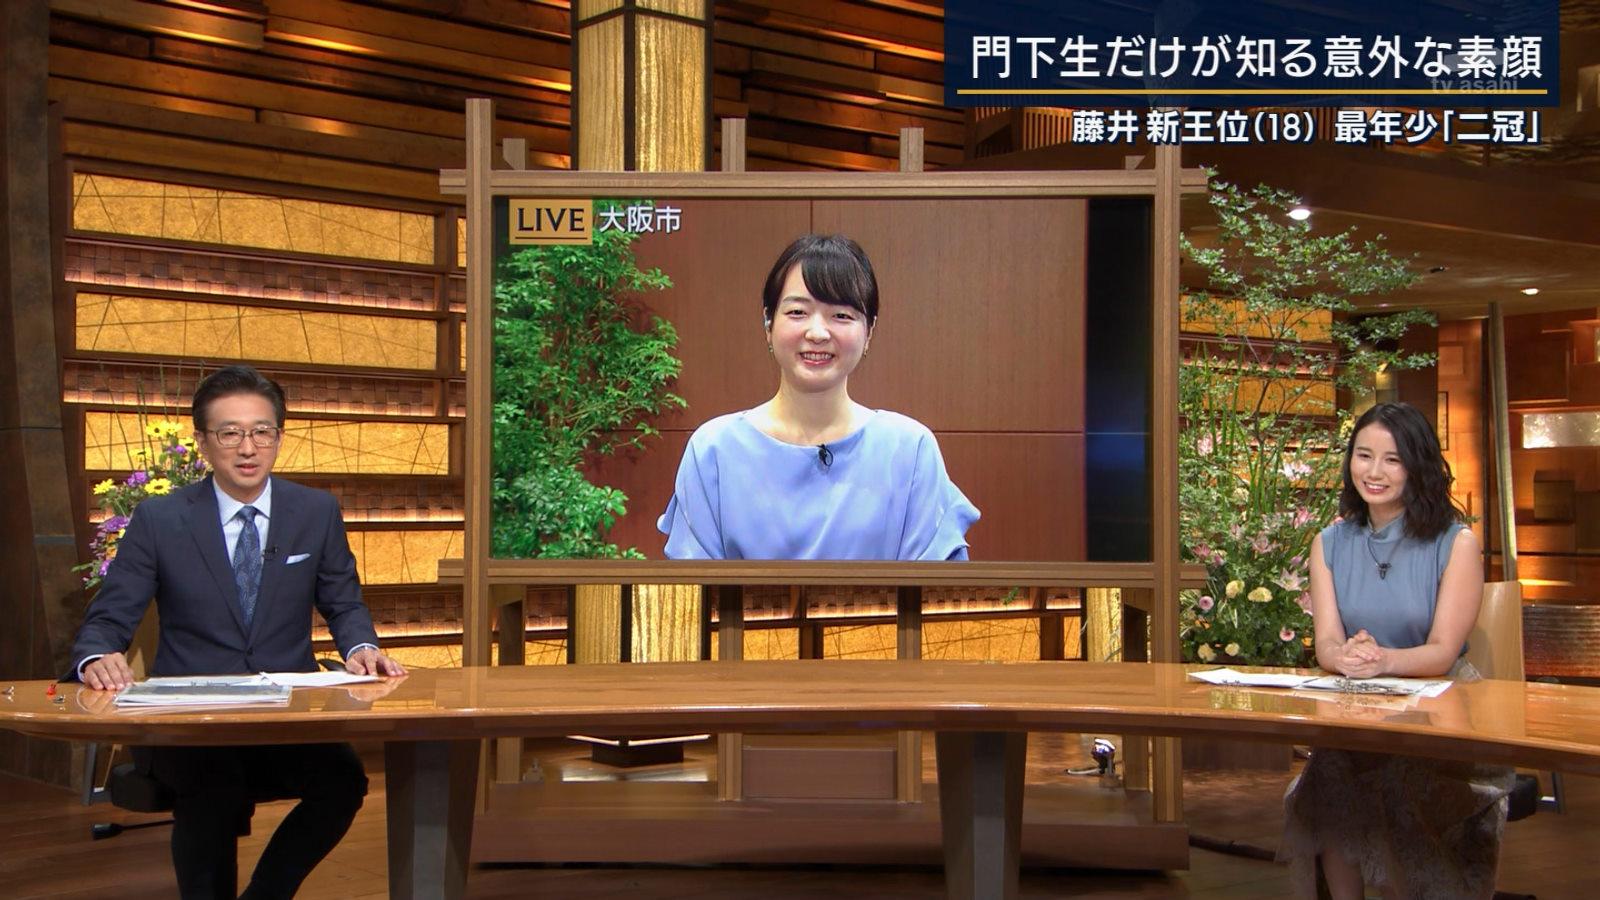 森川夕貴_着衣巨乳_おっぱい_報道ステーション_31